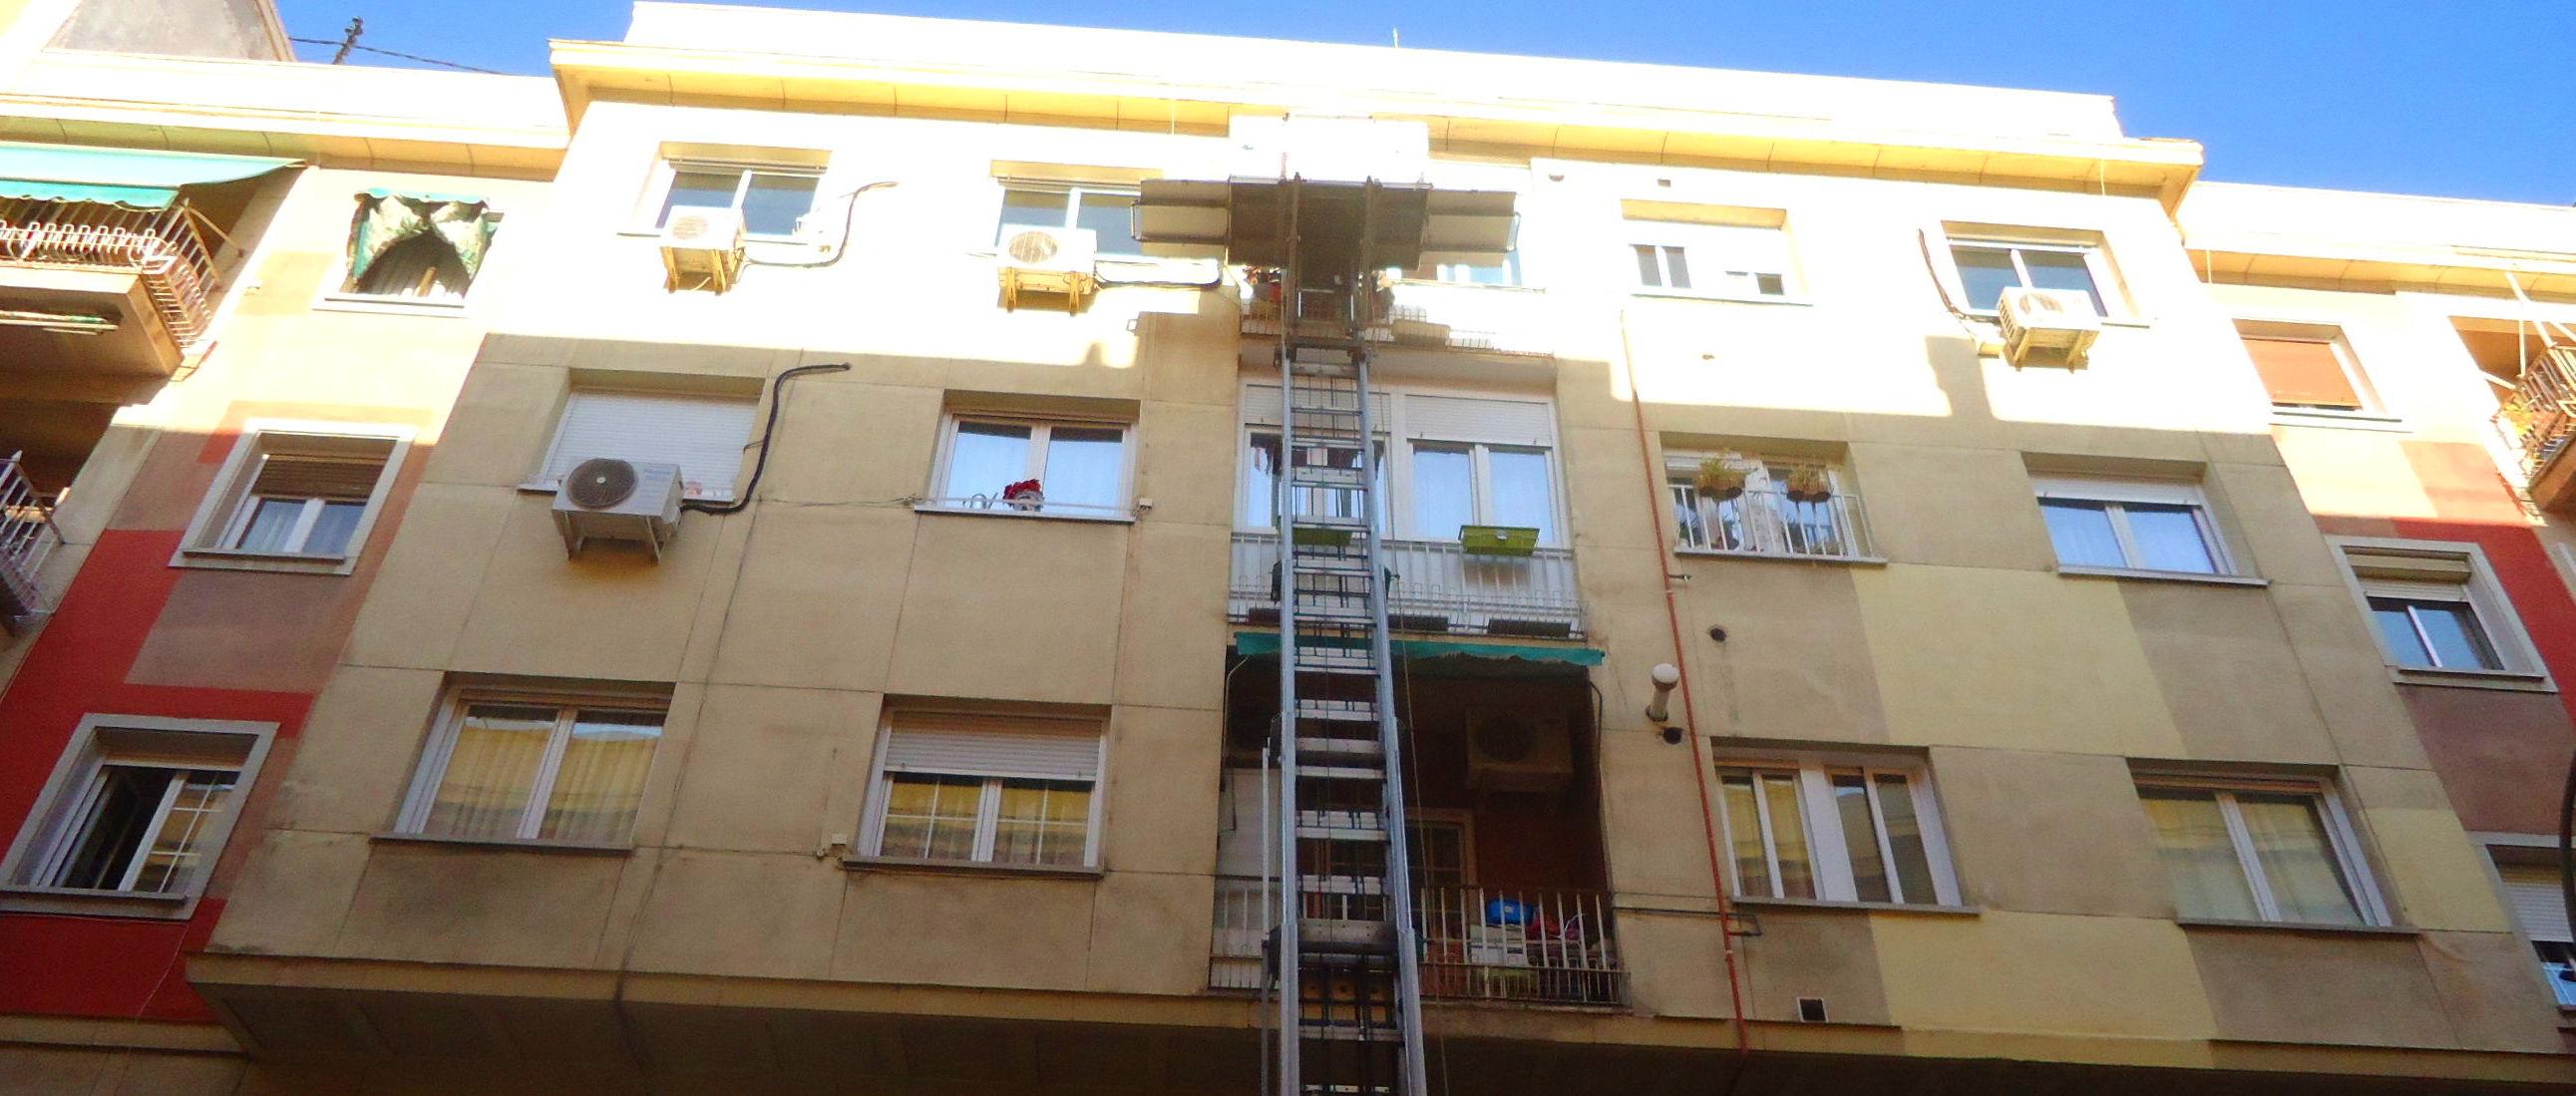 Foto 22 de Mudanzas y guardamuebles en Madrid | Mudanzas Yagüe              914047413